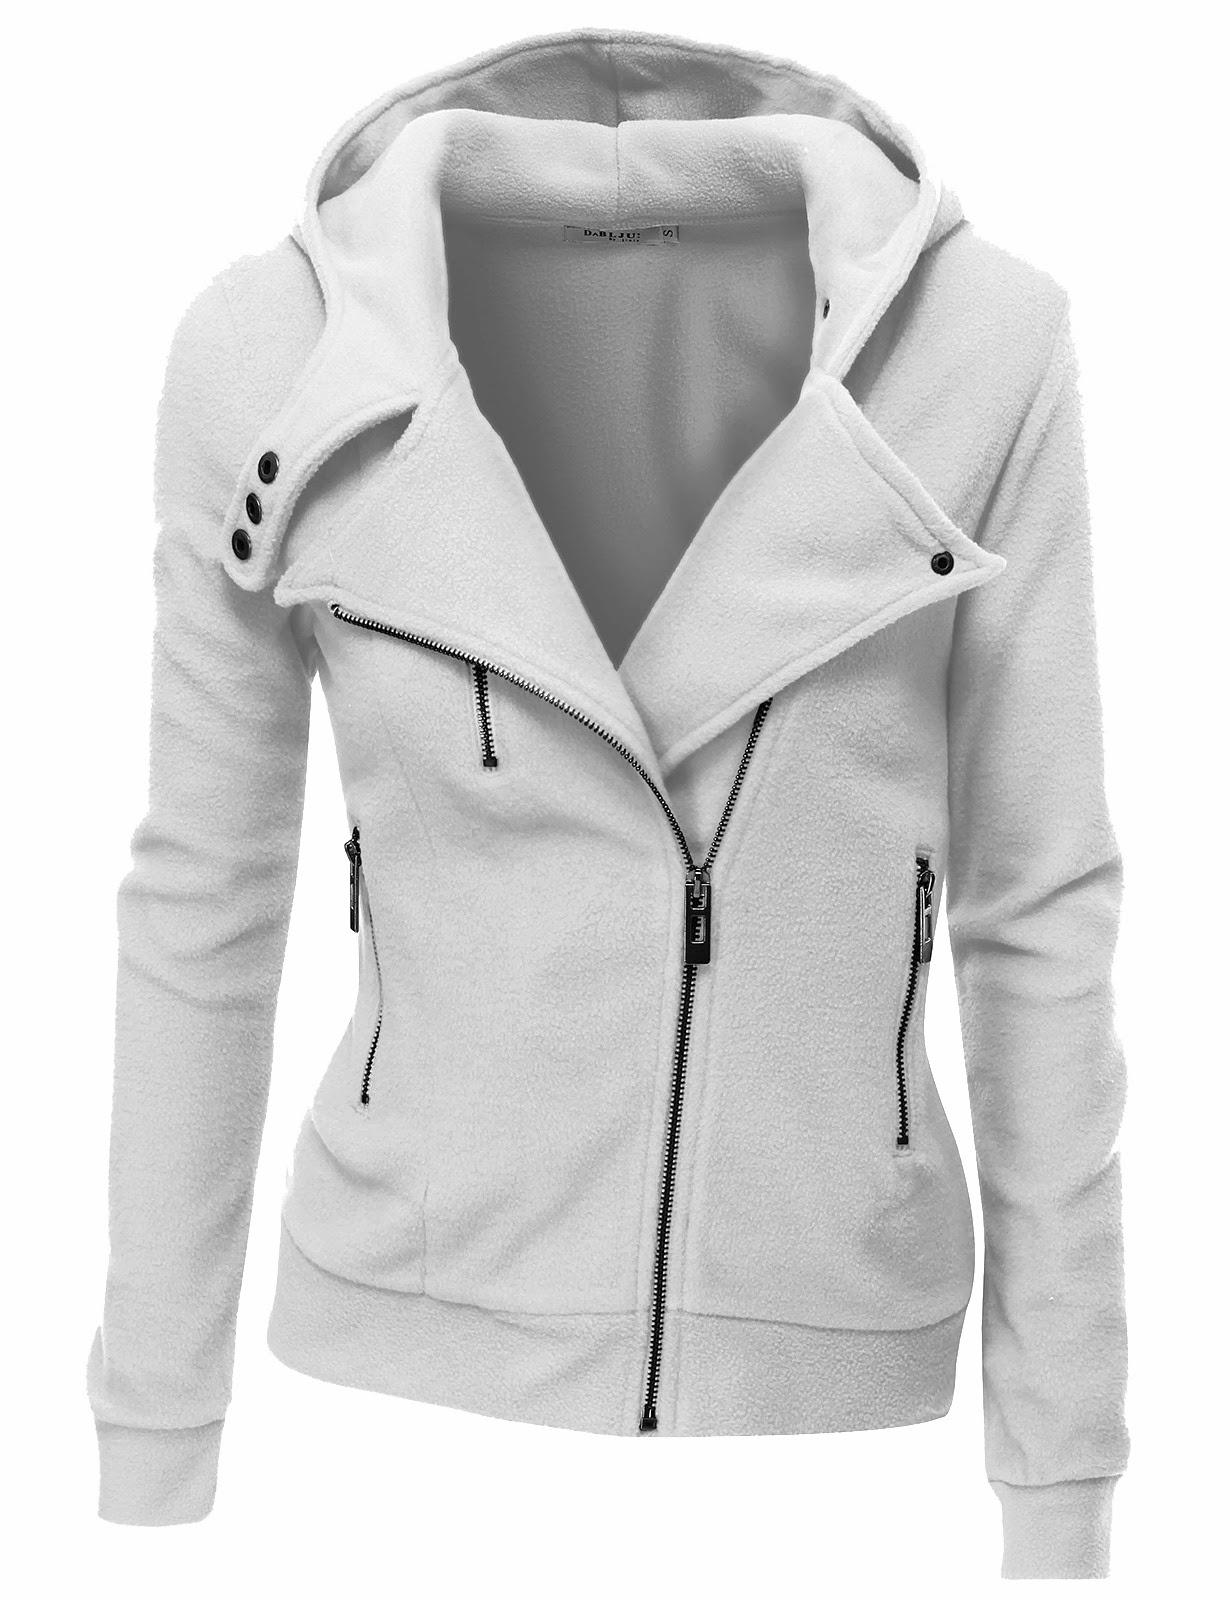 Zip up Hoodies For Women Womens Fleece Zip-up Hoodie